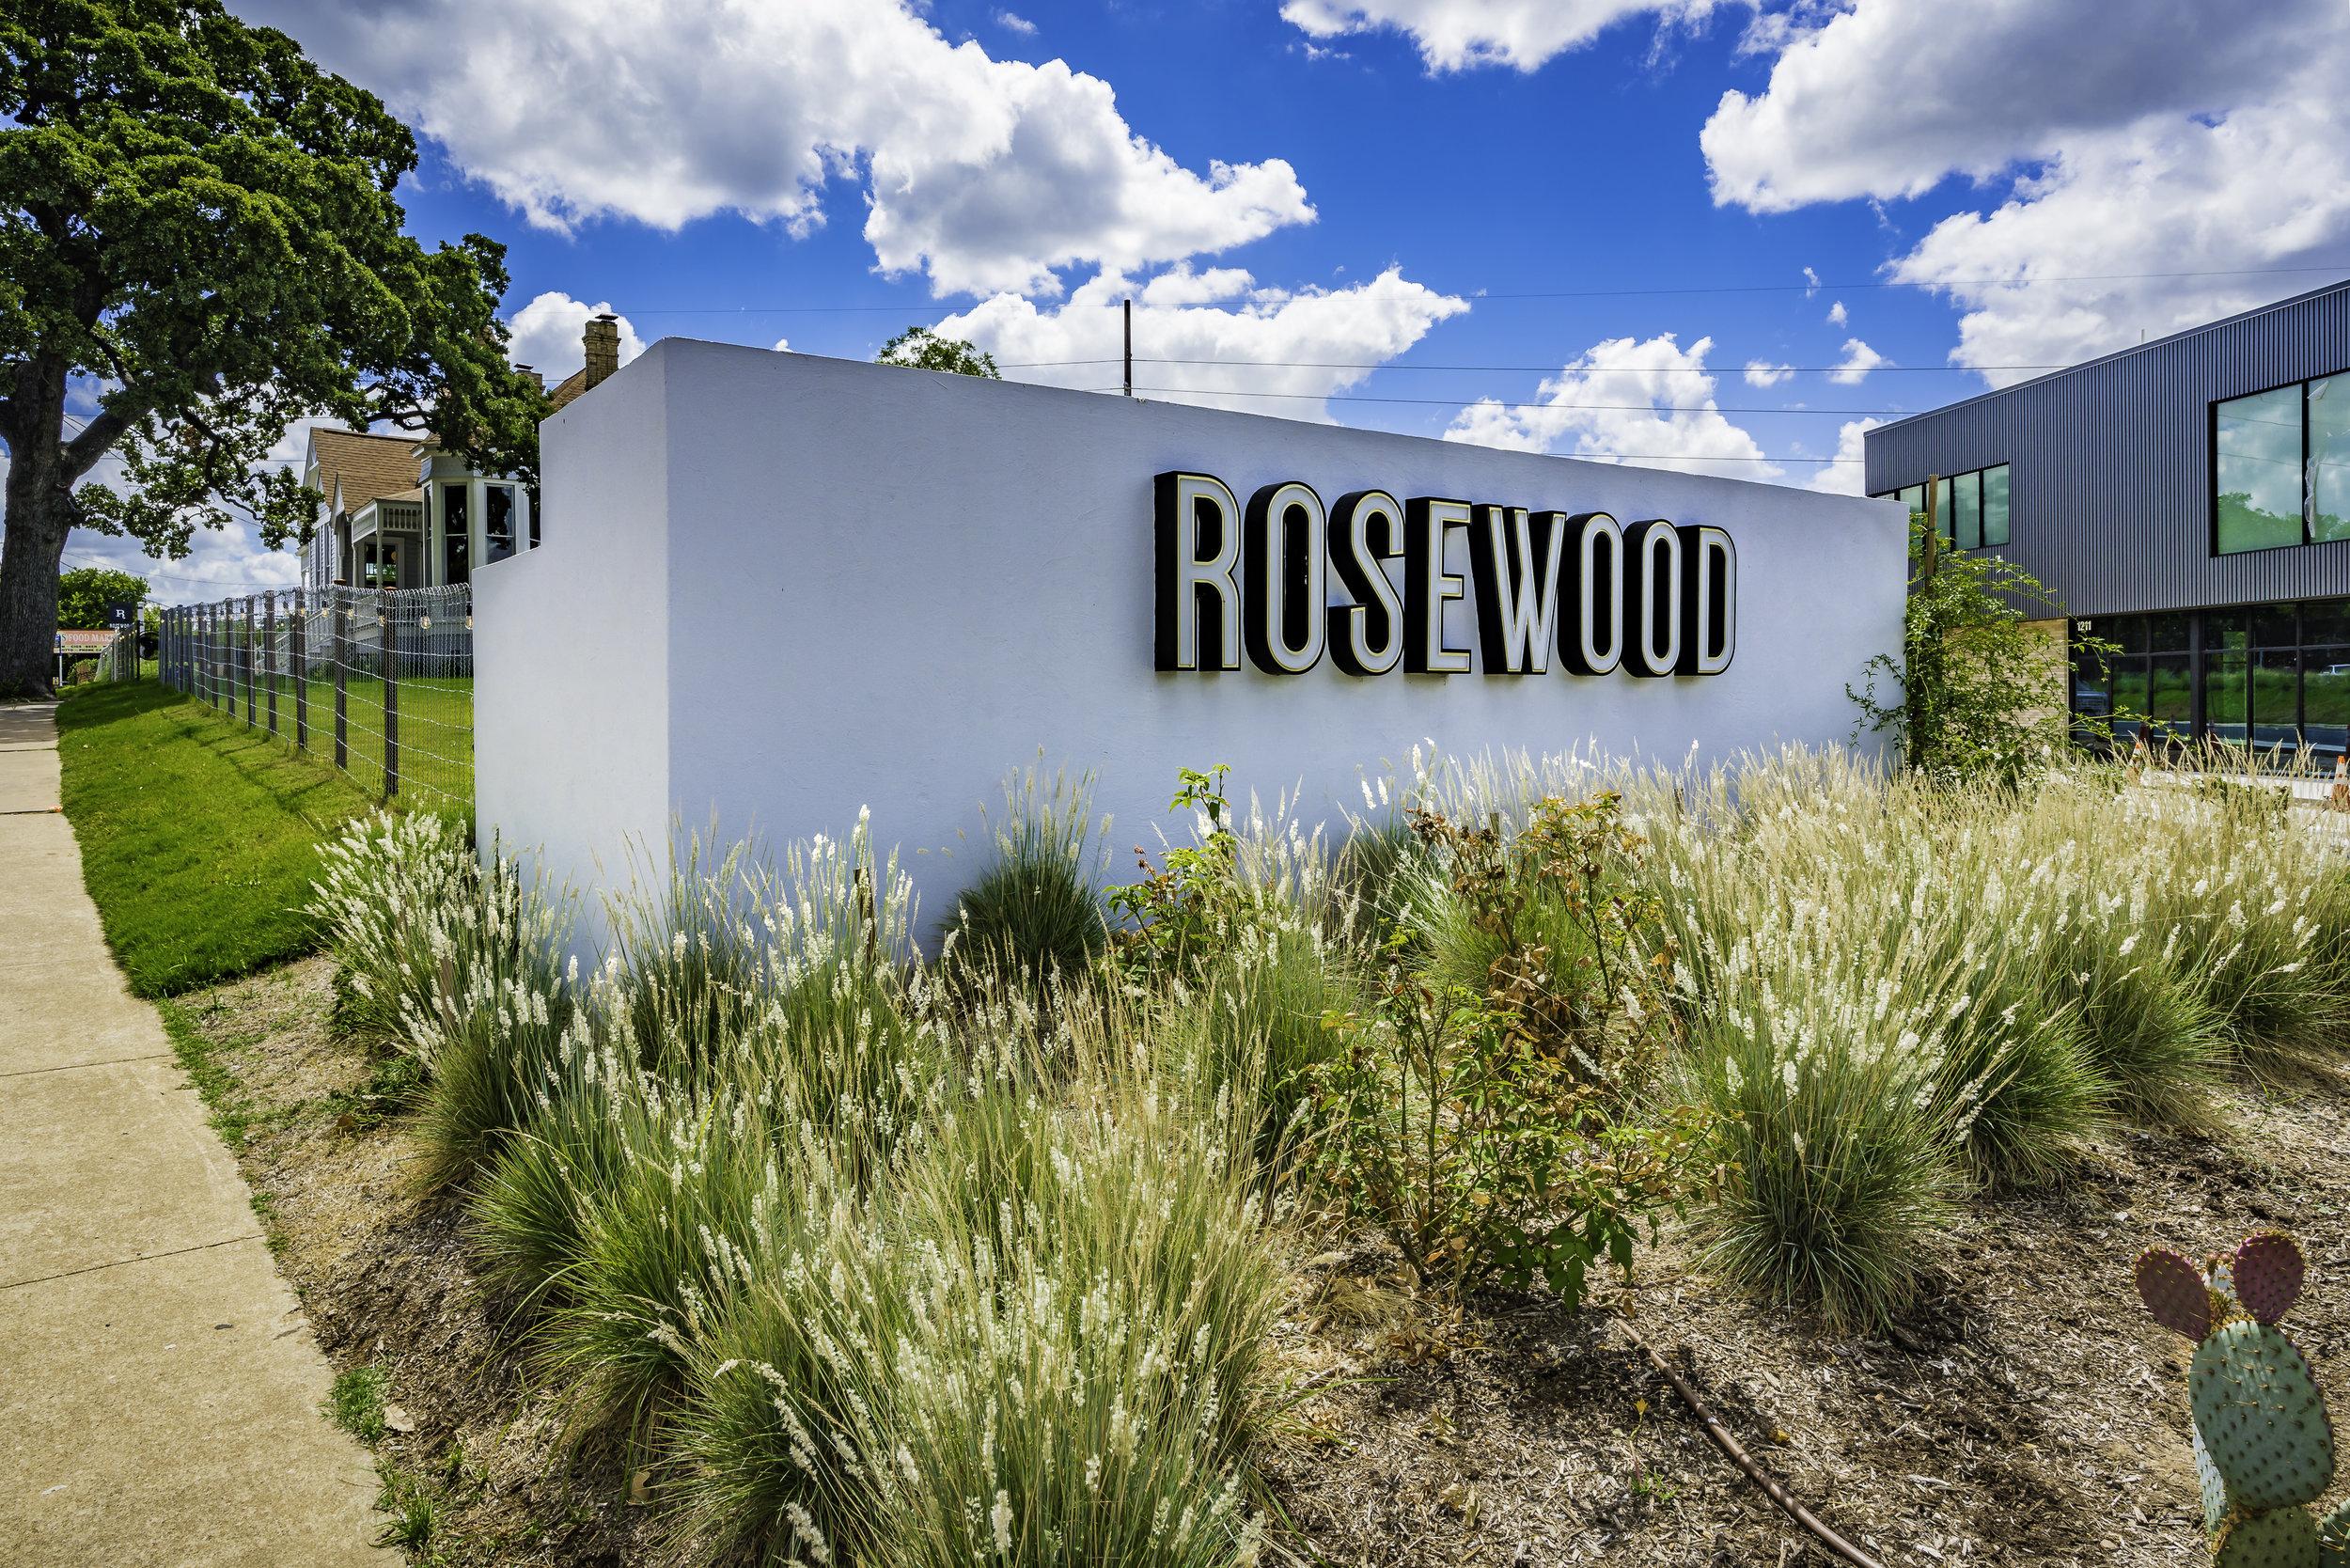 Rosewood - FineLine - Aug 2018 -57.jpg